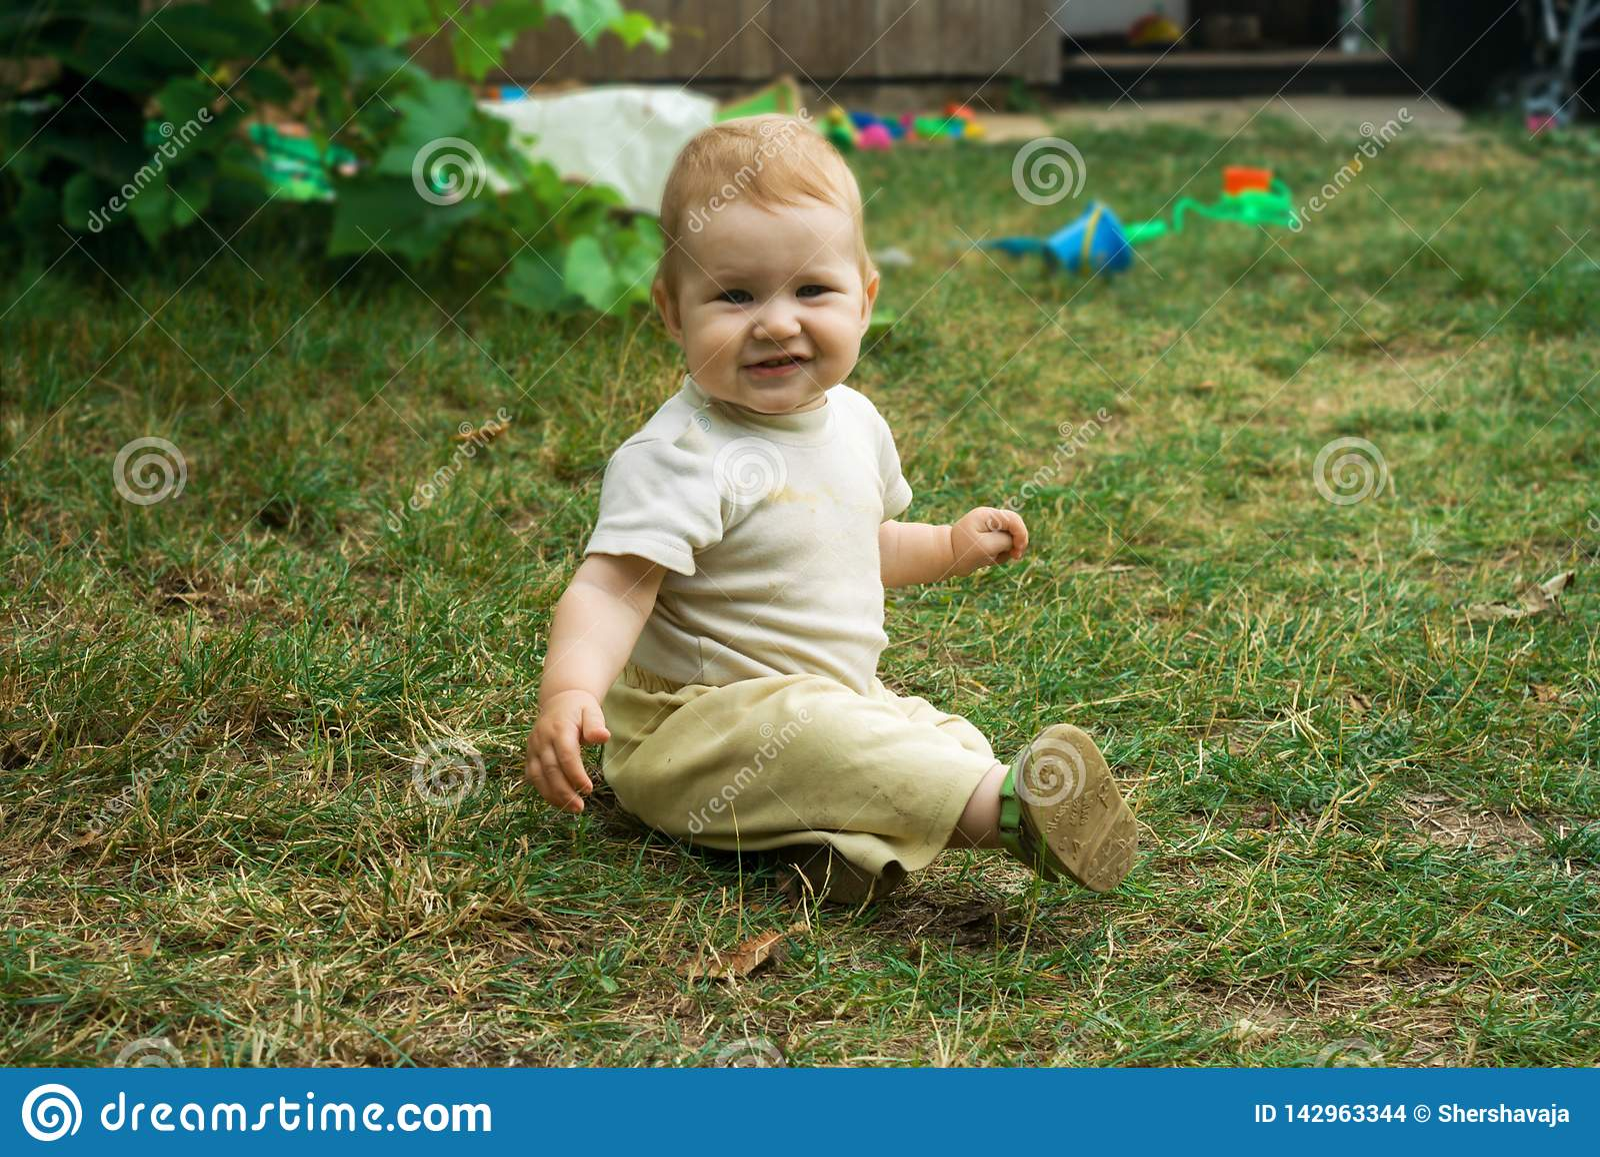 Das Kind glücklich kriecht und sitzt auf dem grünen Gras Kleinkindlächeln und -verschiebung auf allen fours um das Yard im Freien